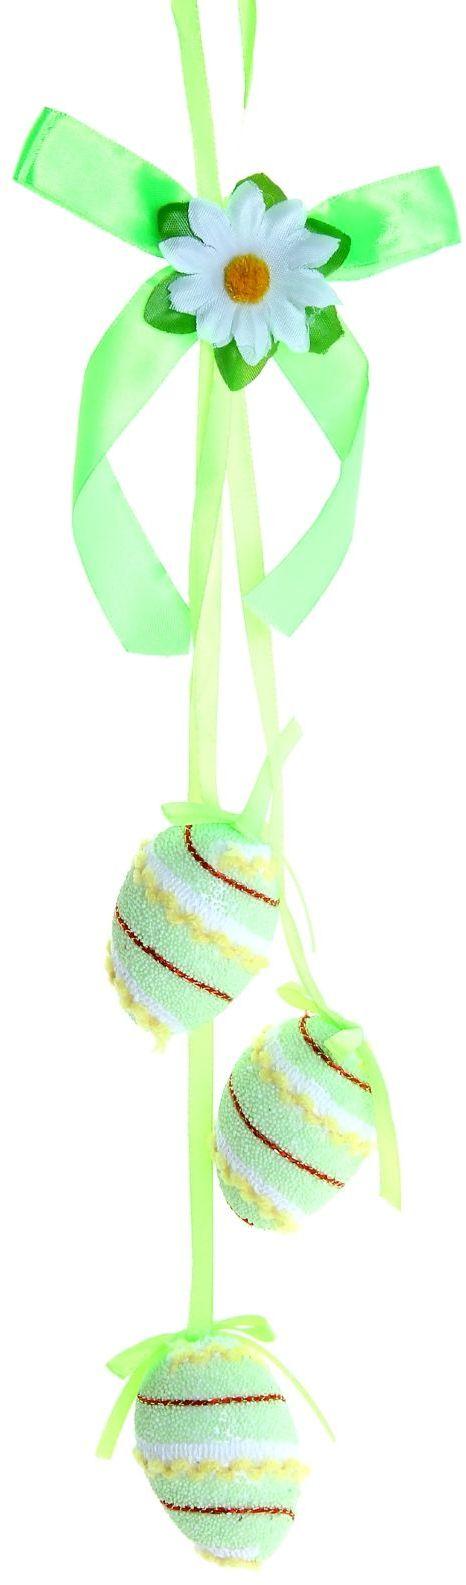 Сувенир пасхальное панно Яйцо. Яркая посыпка, длина 40 см. 918497918497Пасха – весенний праздник, в это время года природа пробуждается после долгой спячки и поражает своим великолепием и красками. Данный сувенир подойдёт для украшения квартиры, офиса, магазина и т.д. С его помощью для вас открываются сотни вариантов украшения праздничного пространства либо можно использовать его в качестве подарка.